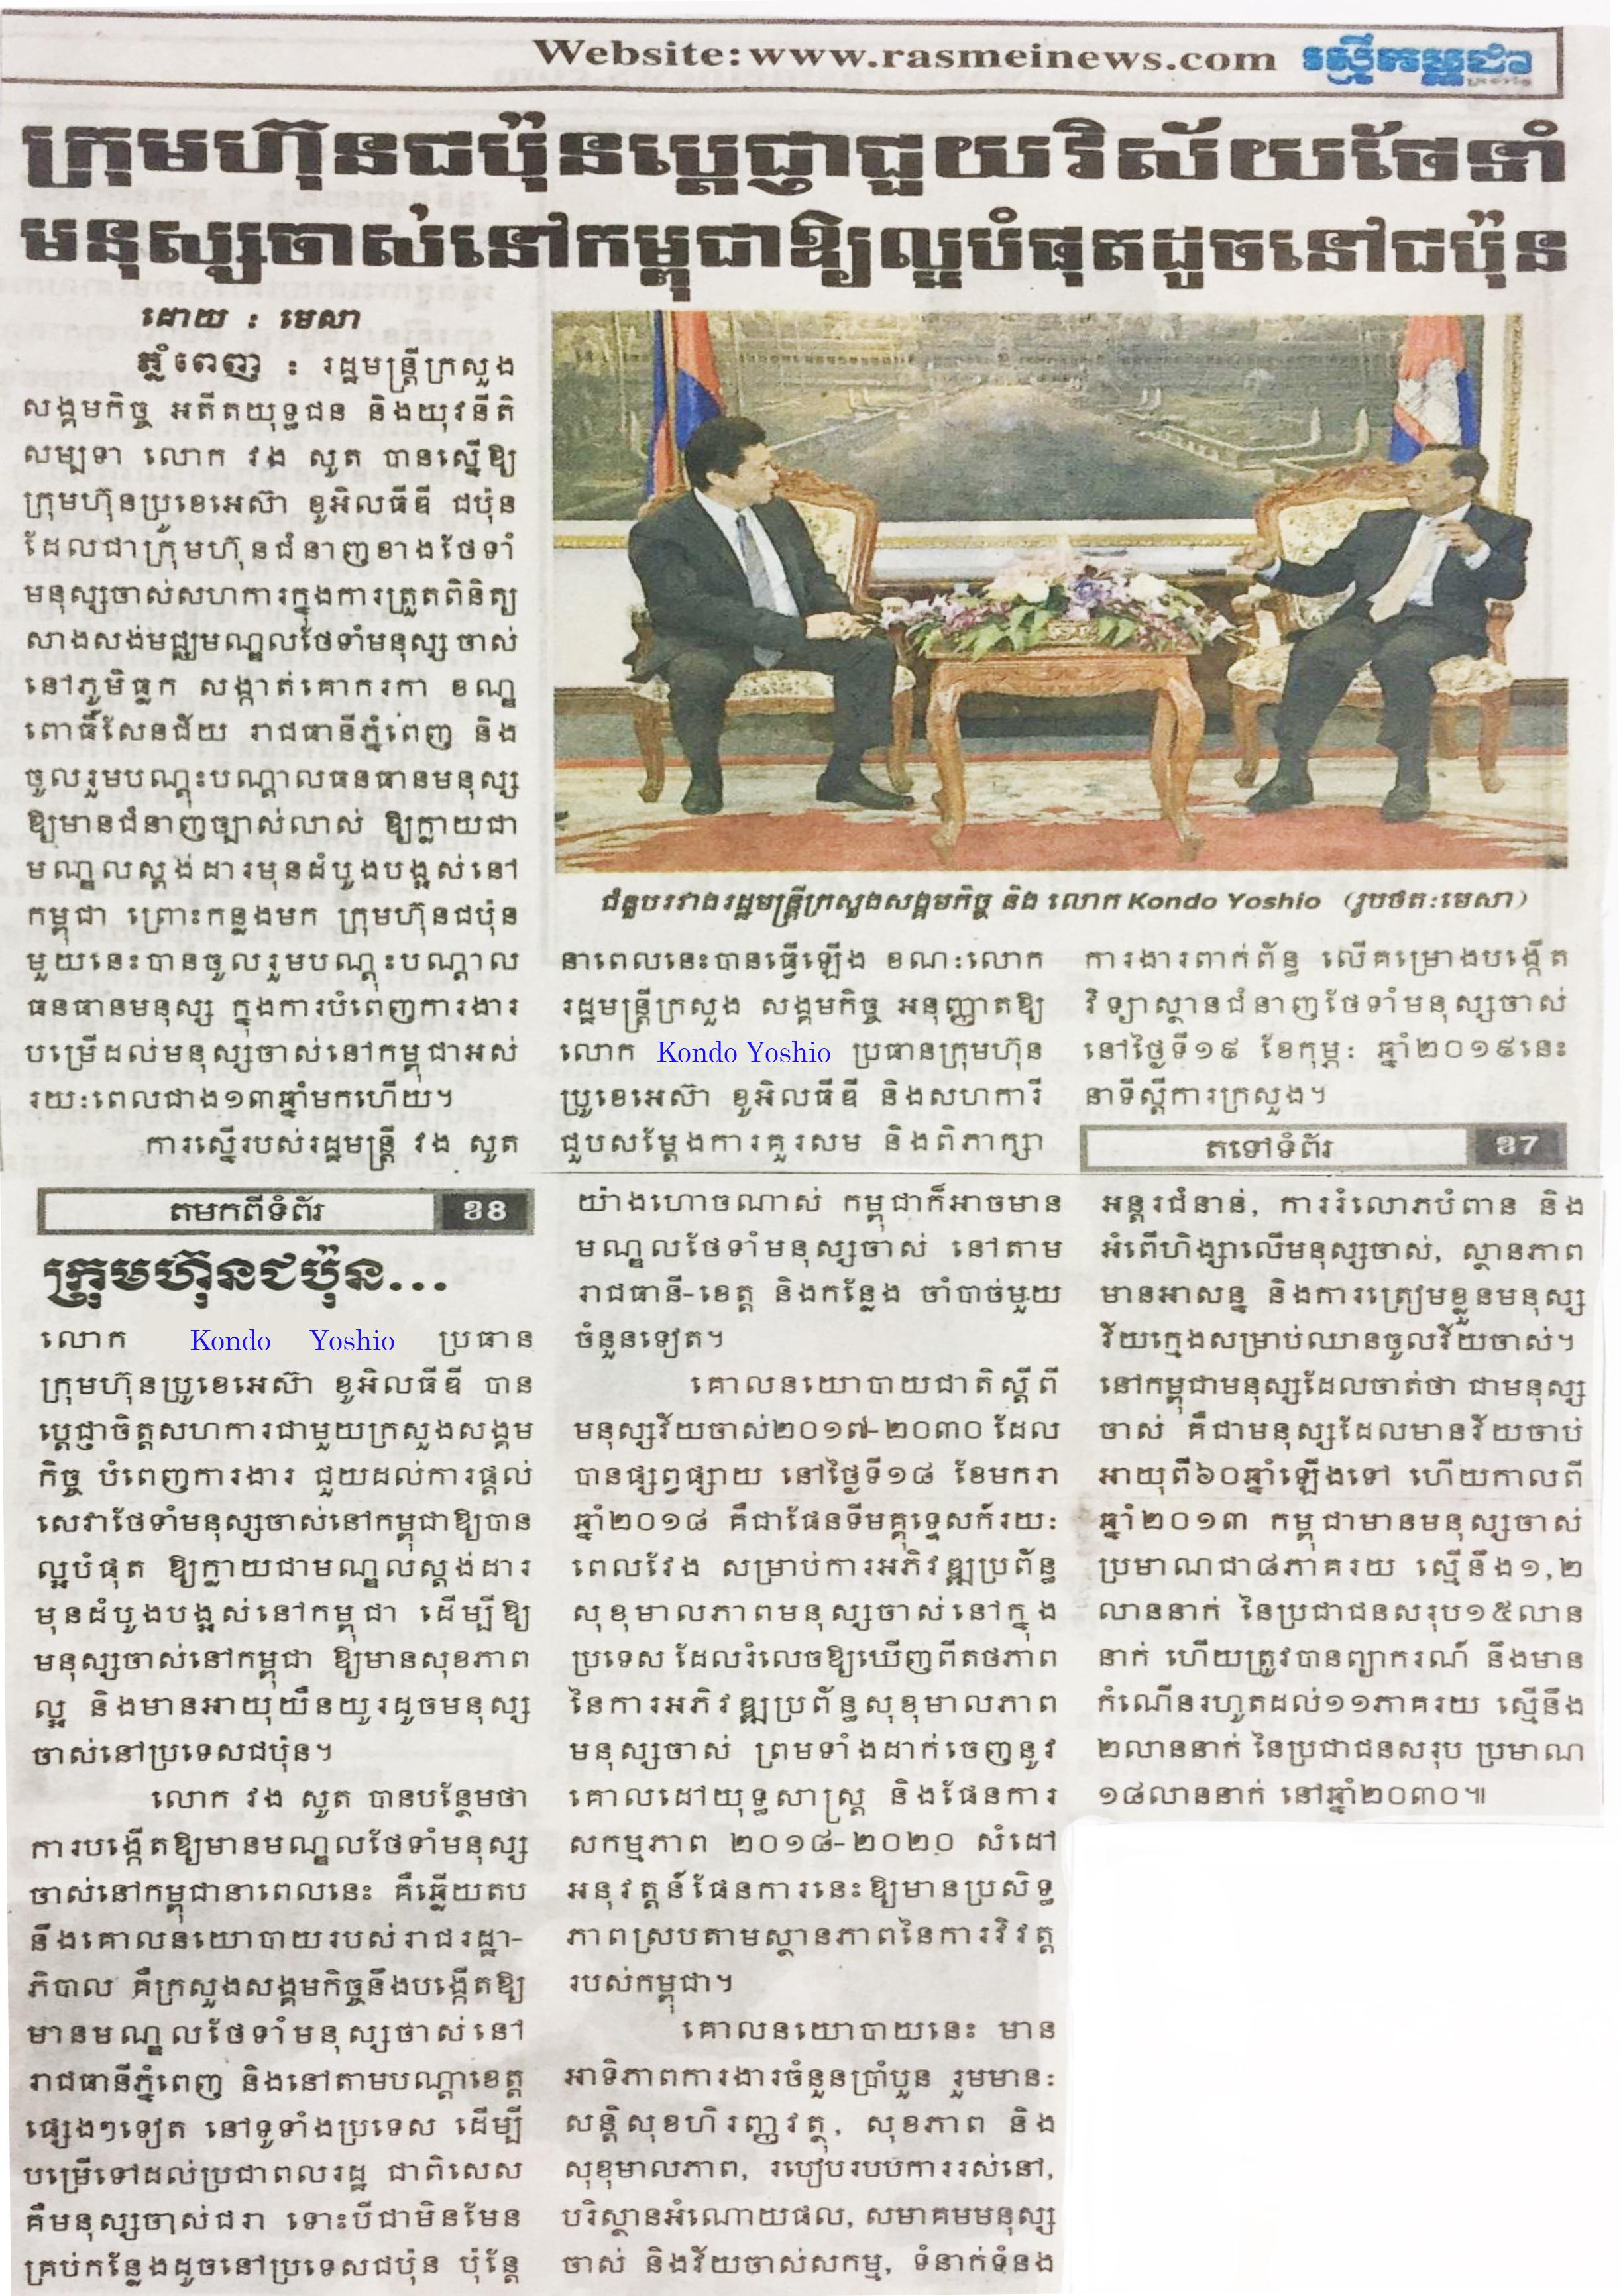 社会事業省大臣ヴォンソット氏を表敬訪問いたしました。